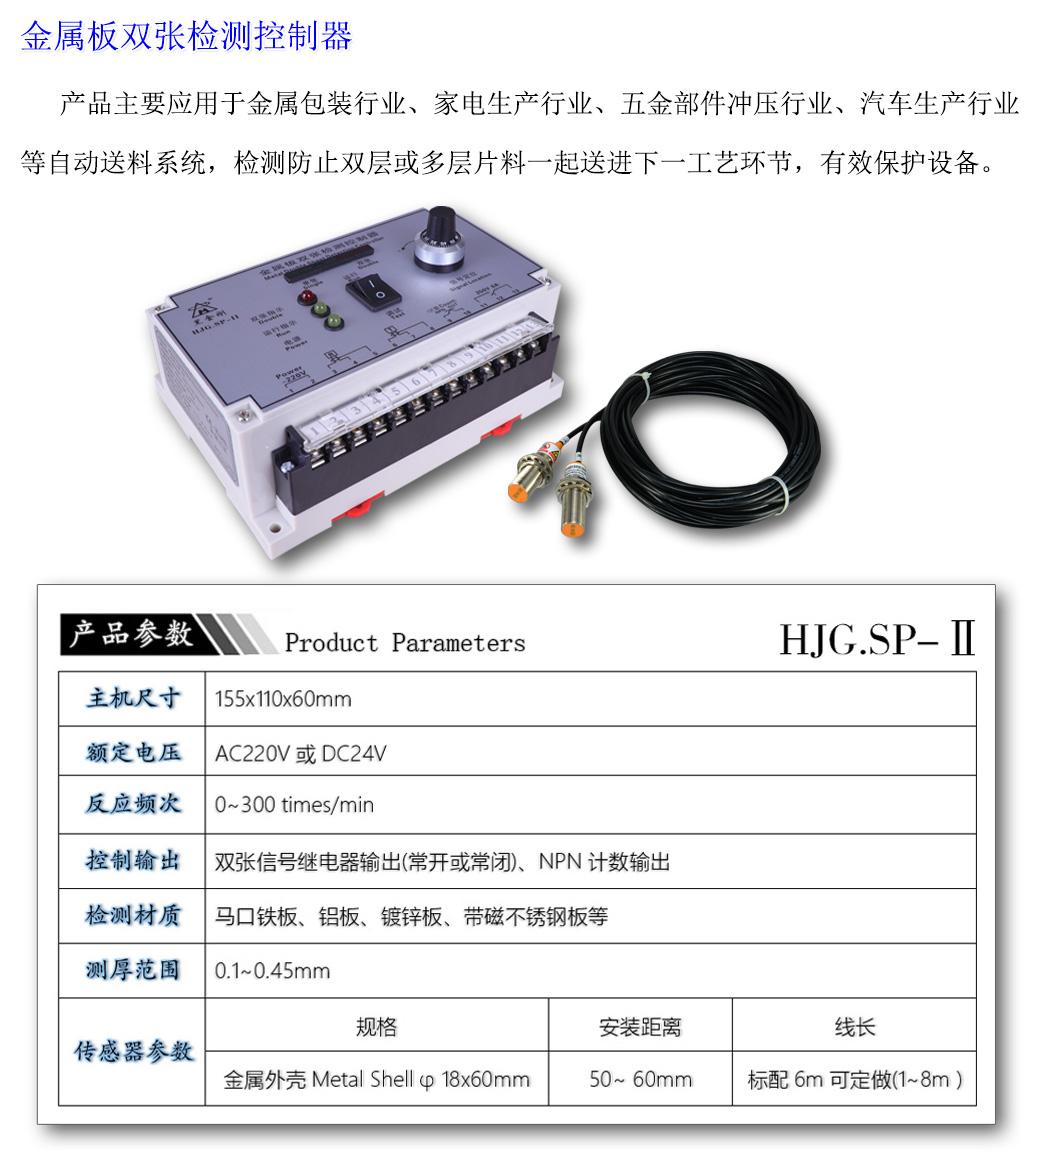 金属双料检测器HJG.SP-II参数